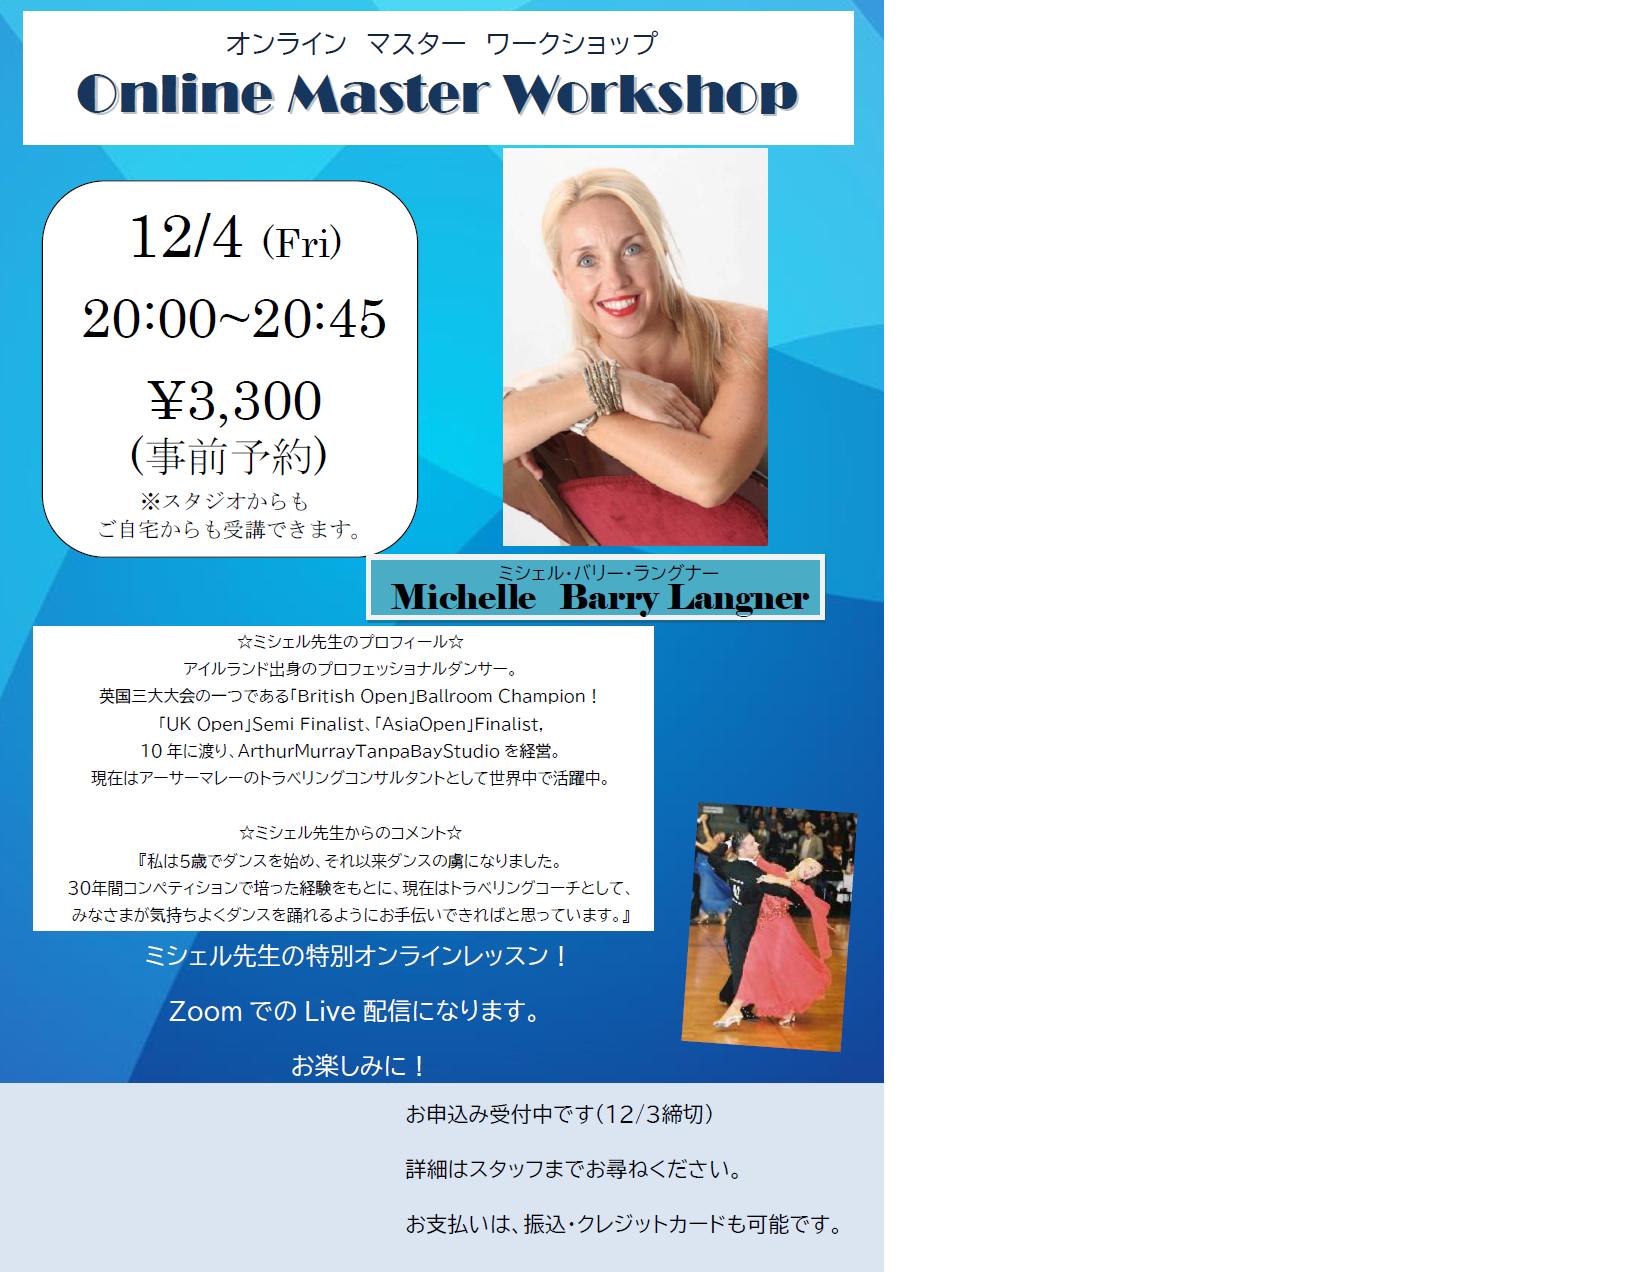 Michelle's Online Master Workshop